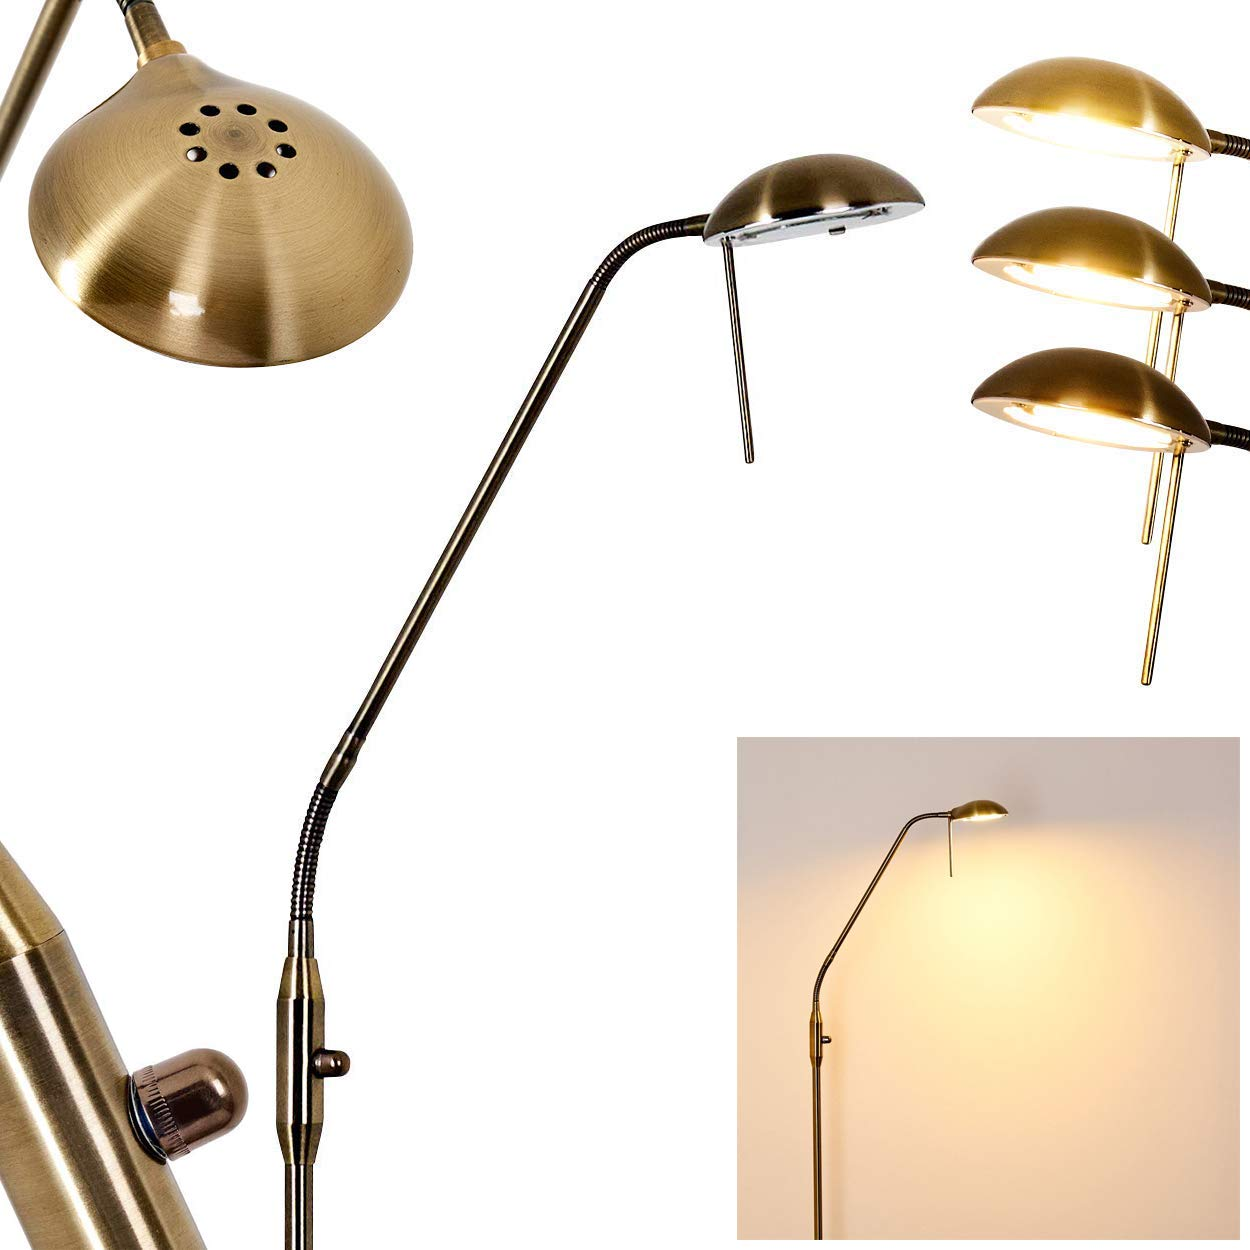 Stehleuchte Ebikon dimmbar aus Metall Altmessingfarben - Stehlampe 2750 Kelvin, 780 Lumen, Bodenlampe für Wohnzimmer, Büro, Schlafzimmer, stufenloser Drehdimmer, Leuchtenkopf flexibel verstellbar